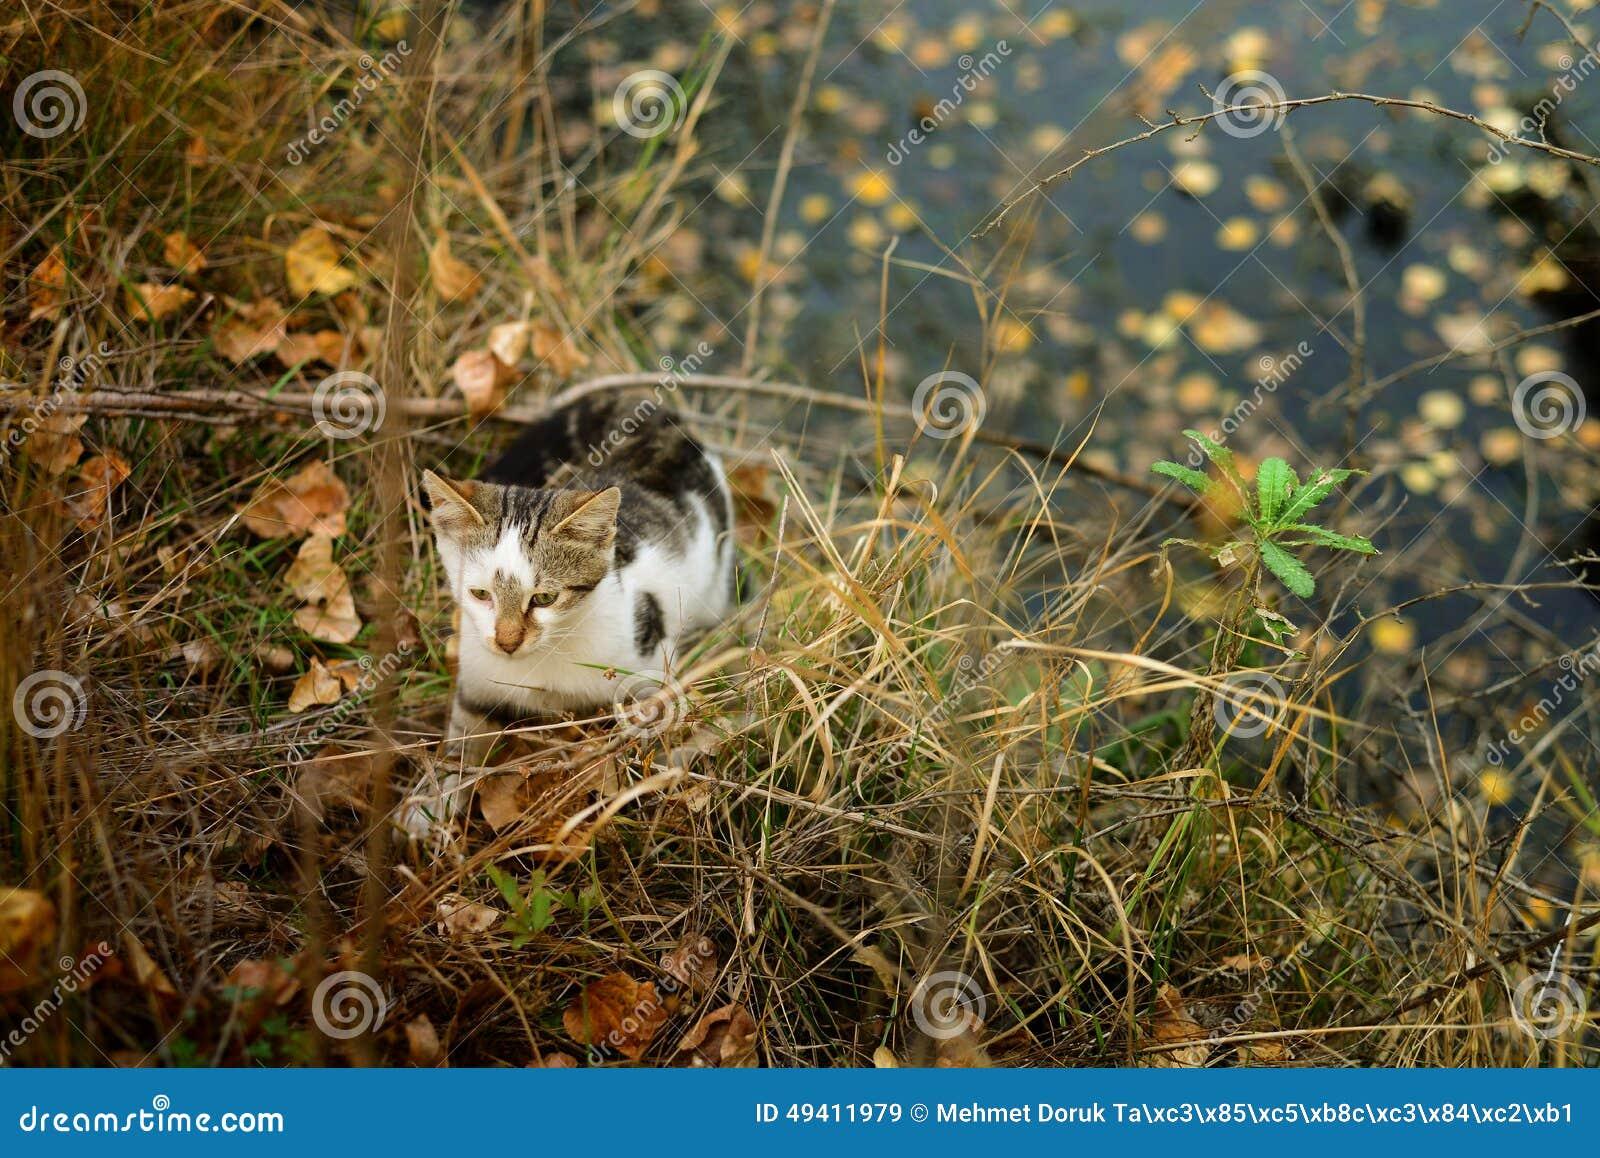 Download Katze in der Natur stockbild. Bild von frau, abschluß - 49411979